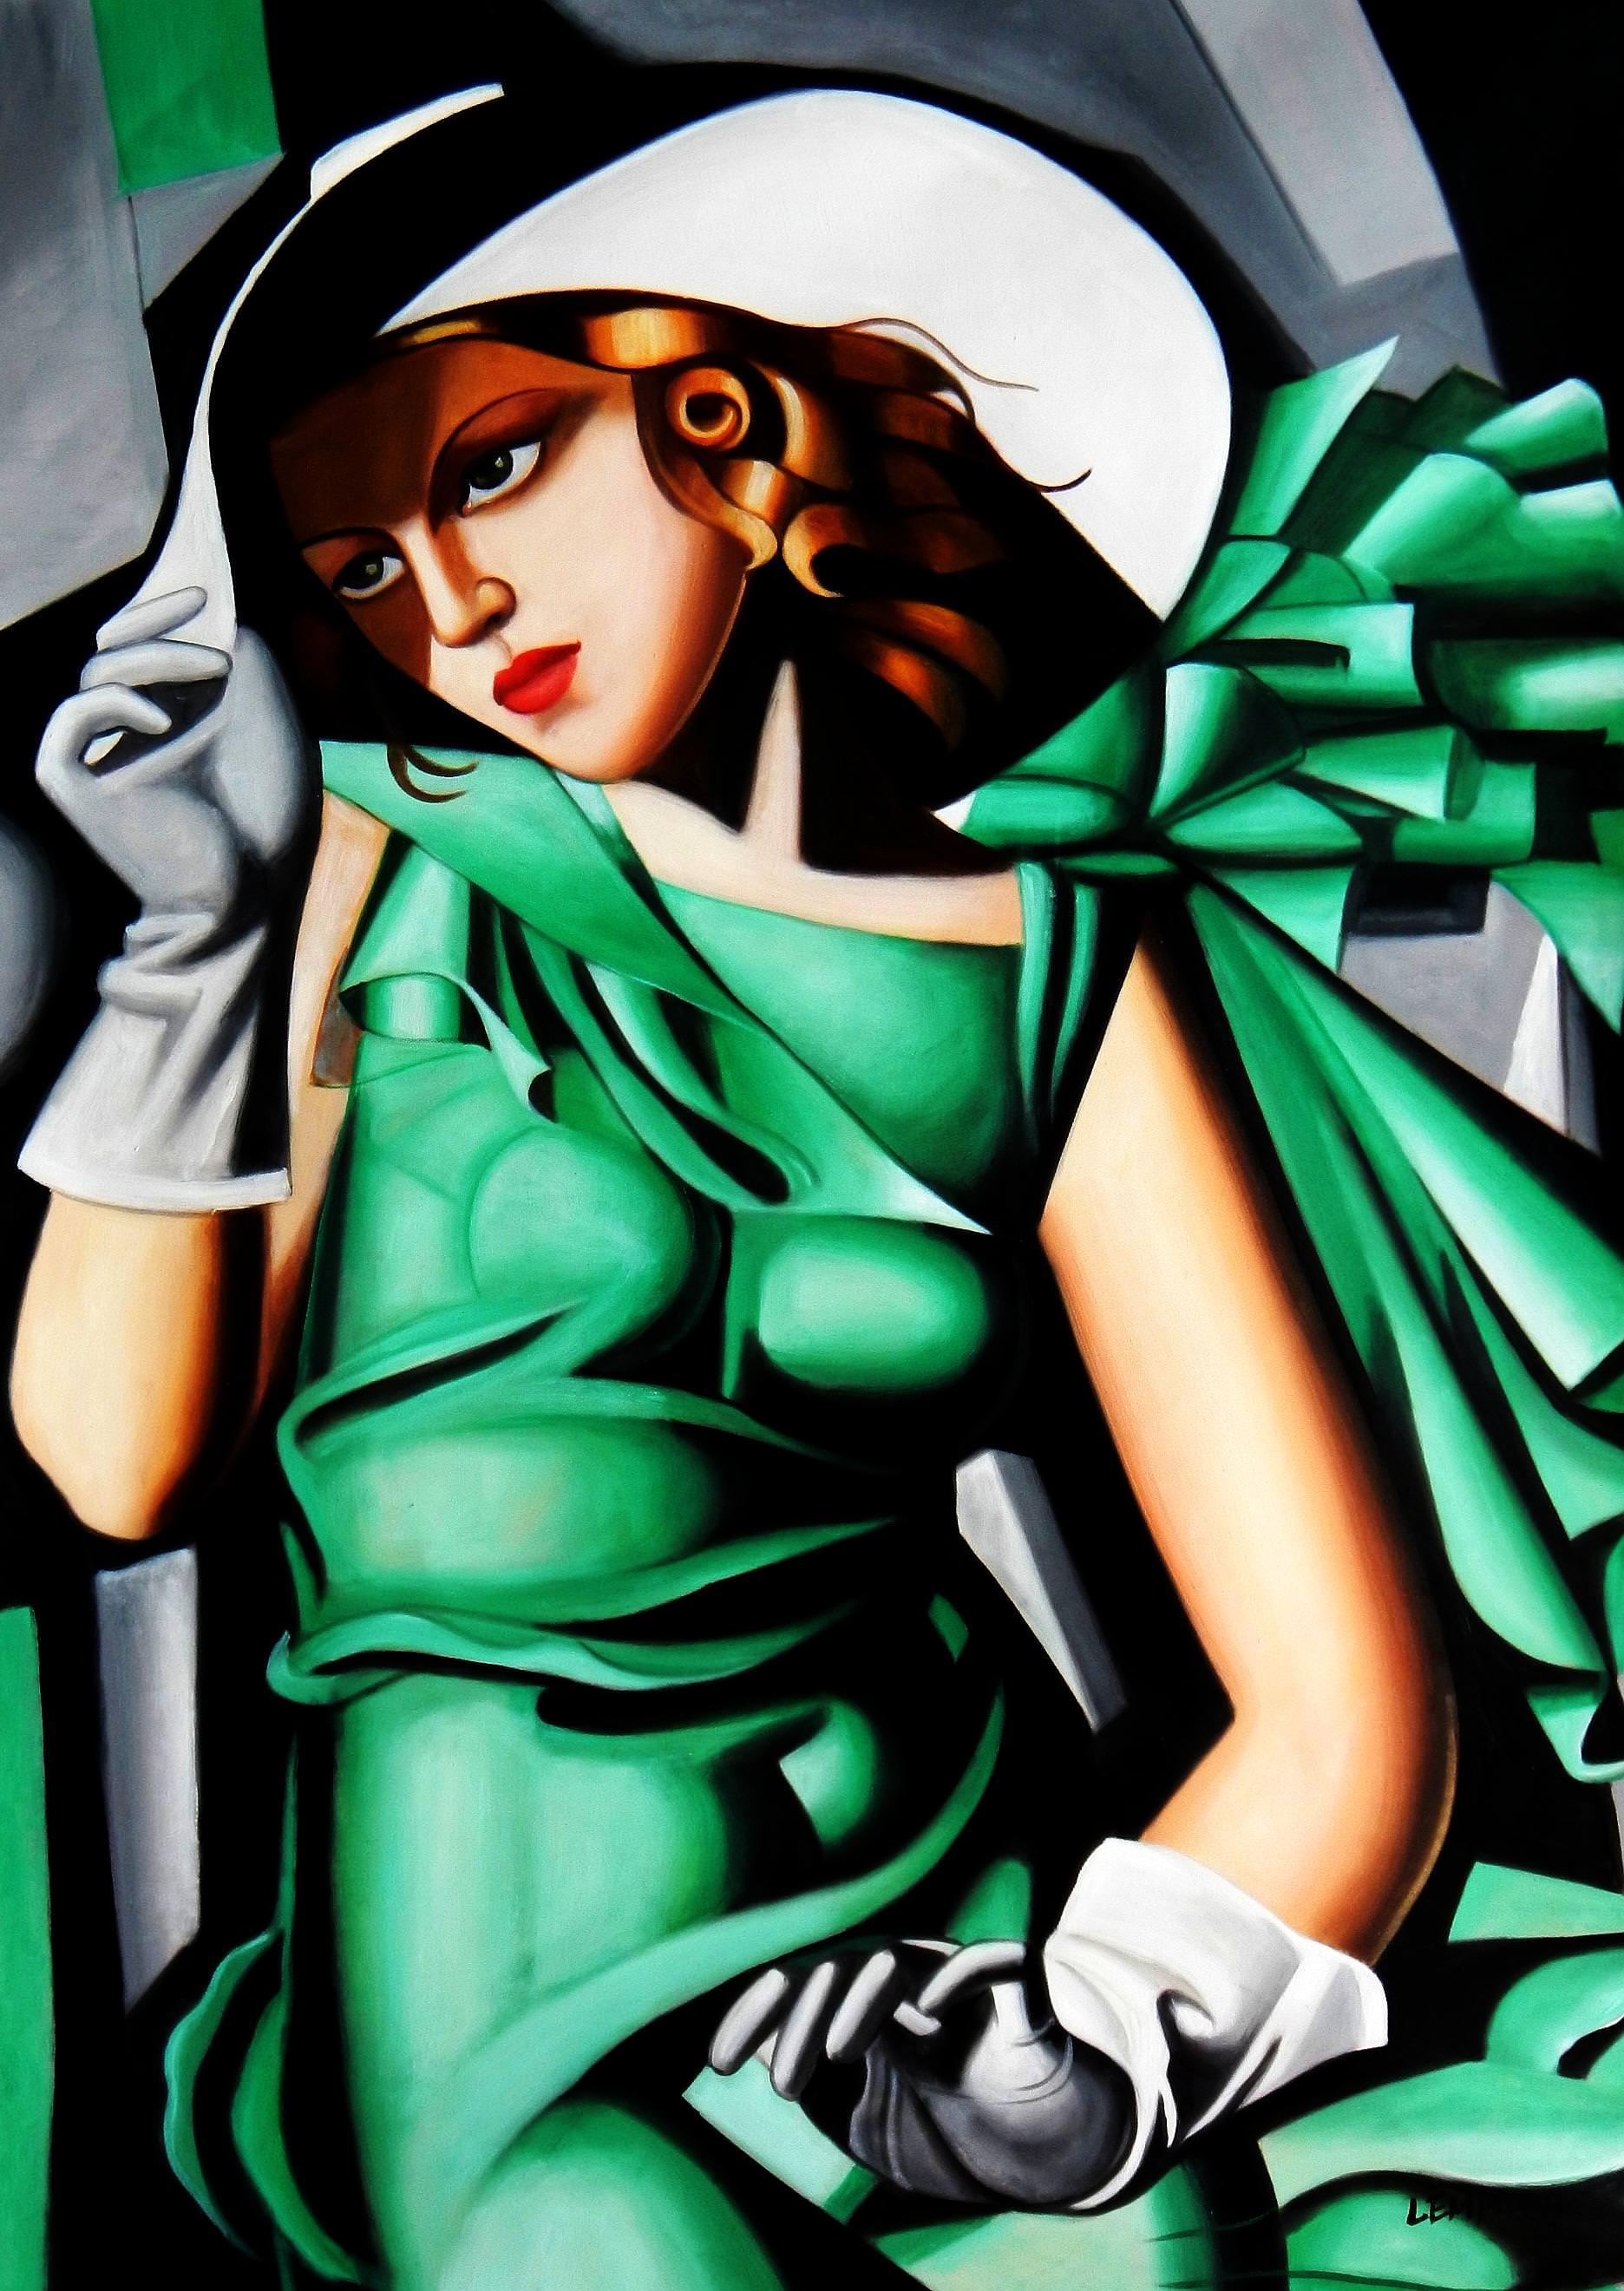 Homage to T. de Lempicka - Mädchen in Grün mit Handschuhen i92958 80x110cm Ölbild